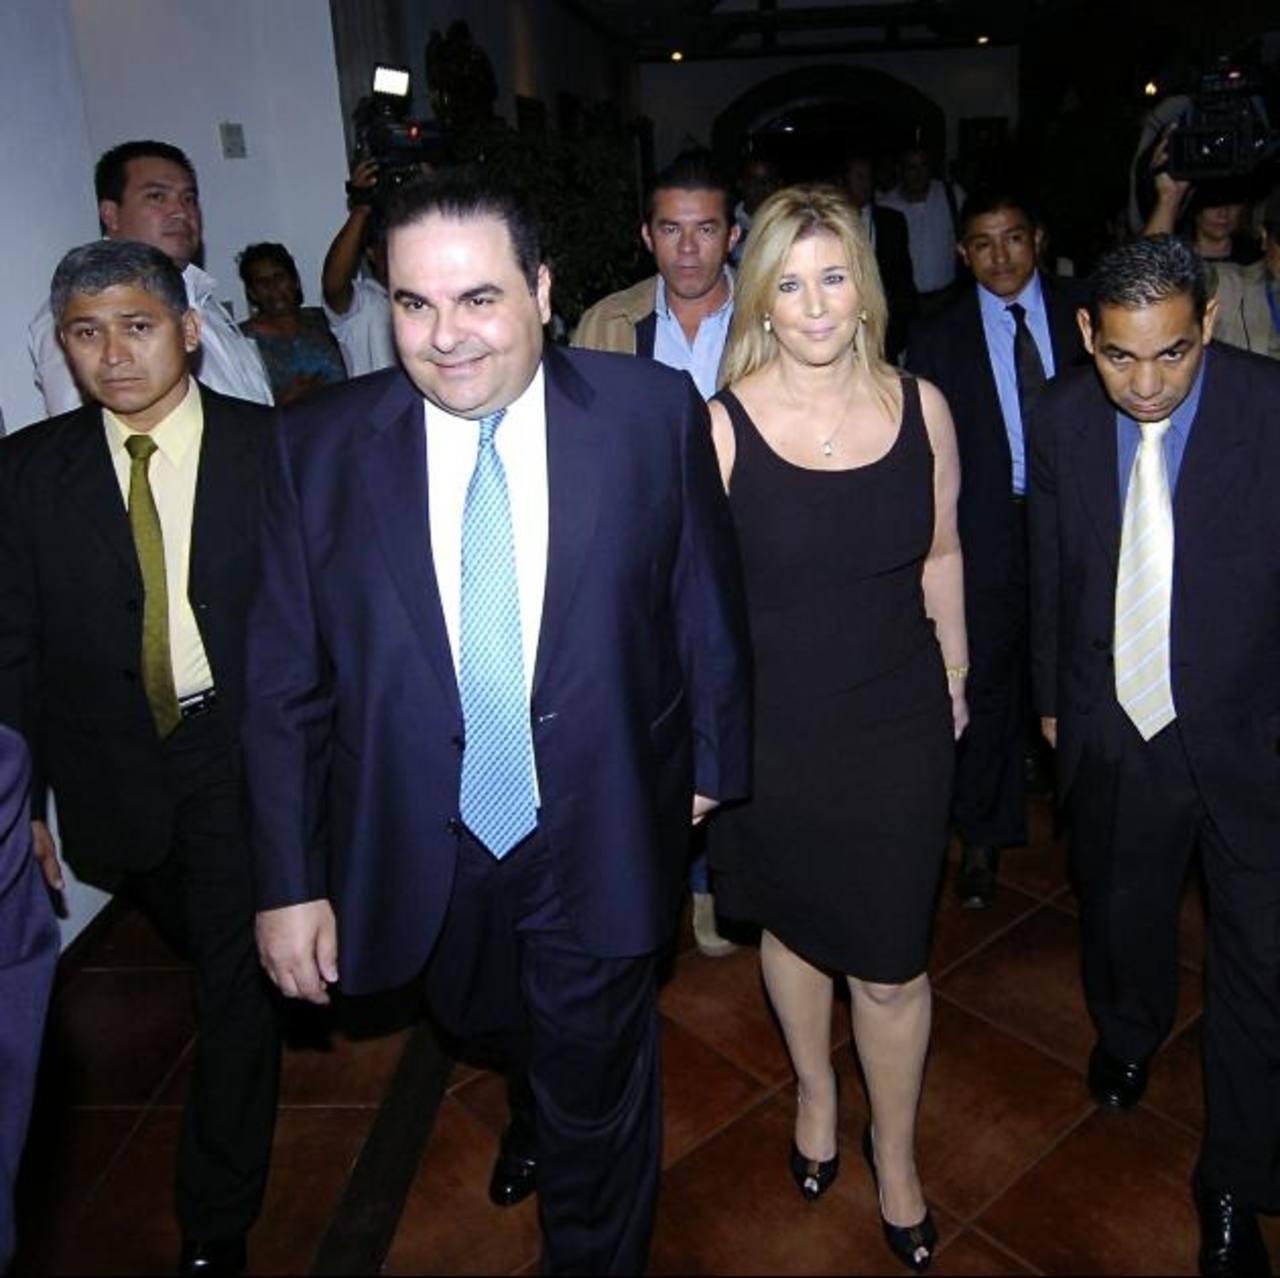 Saca asistió a un acto con un grupo de mujeres, junto a su esposa Ligia. Foto EH / archivo